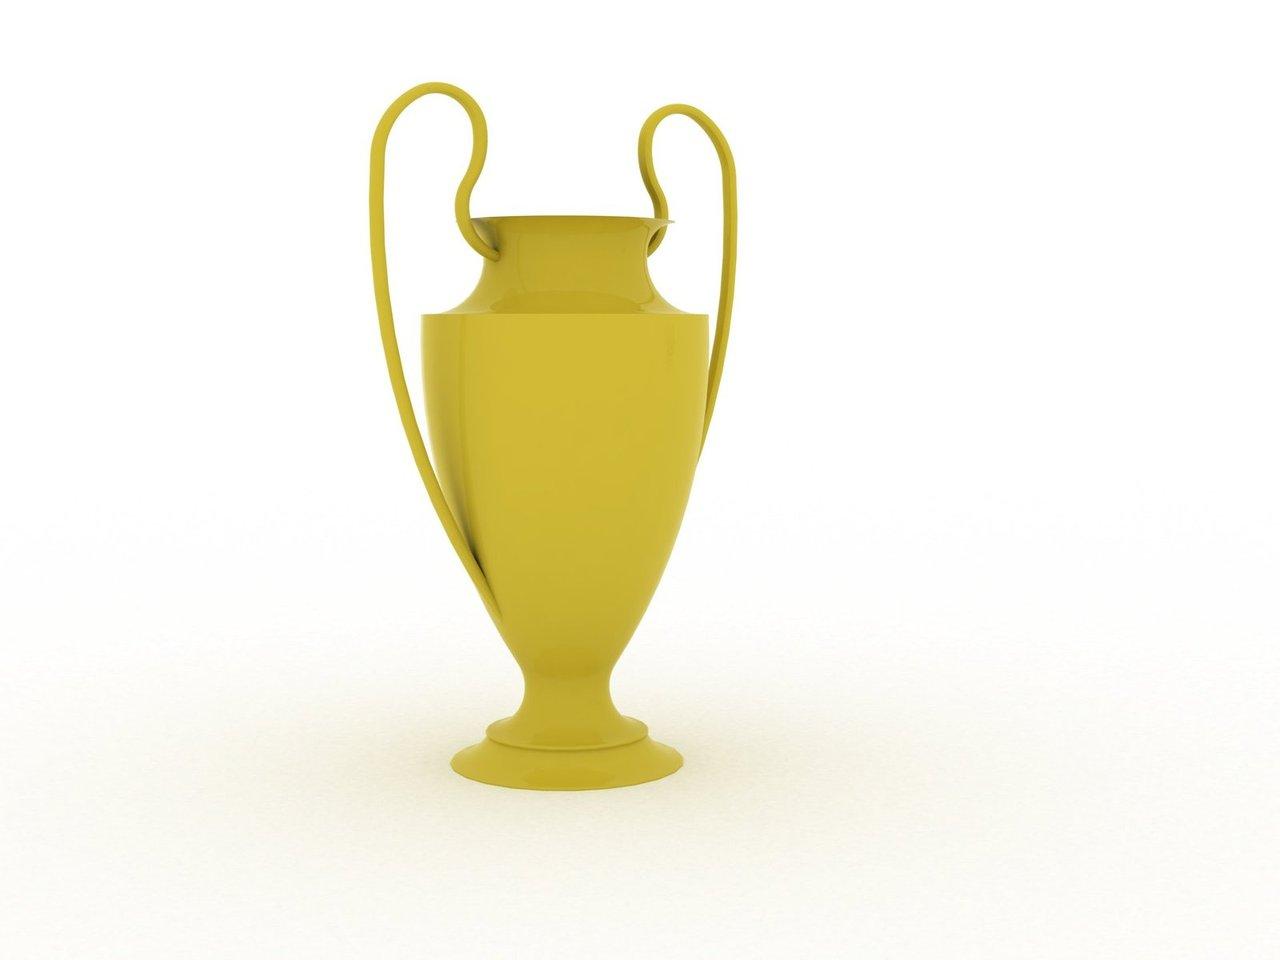 Dla zawodników ważne są trofea